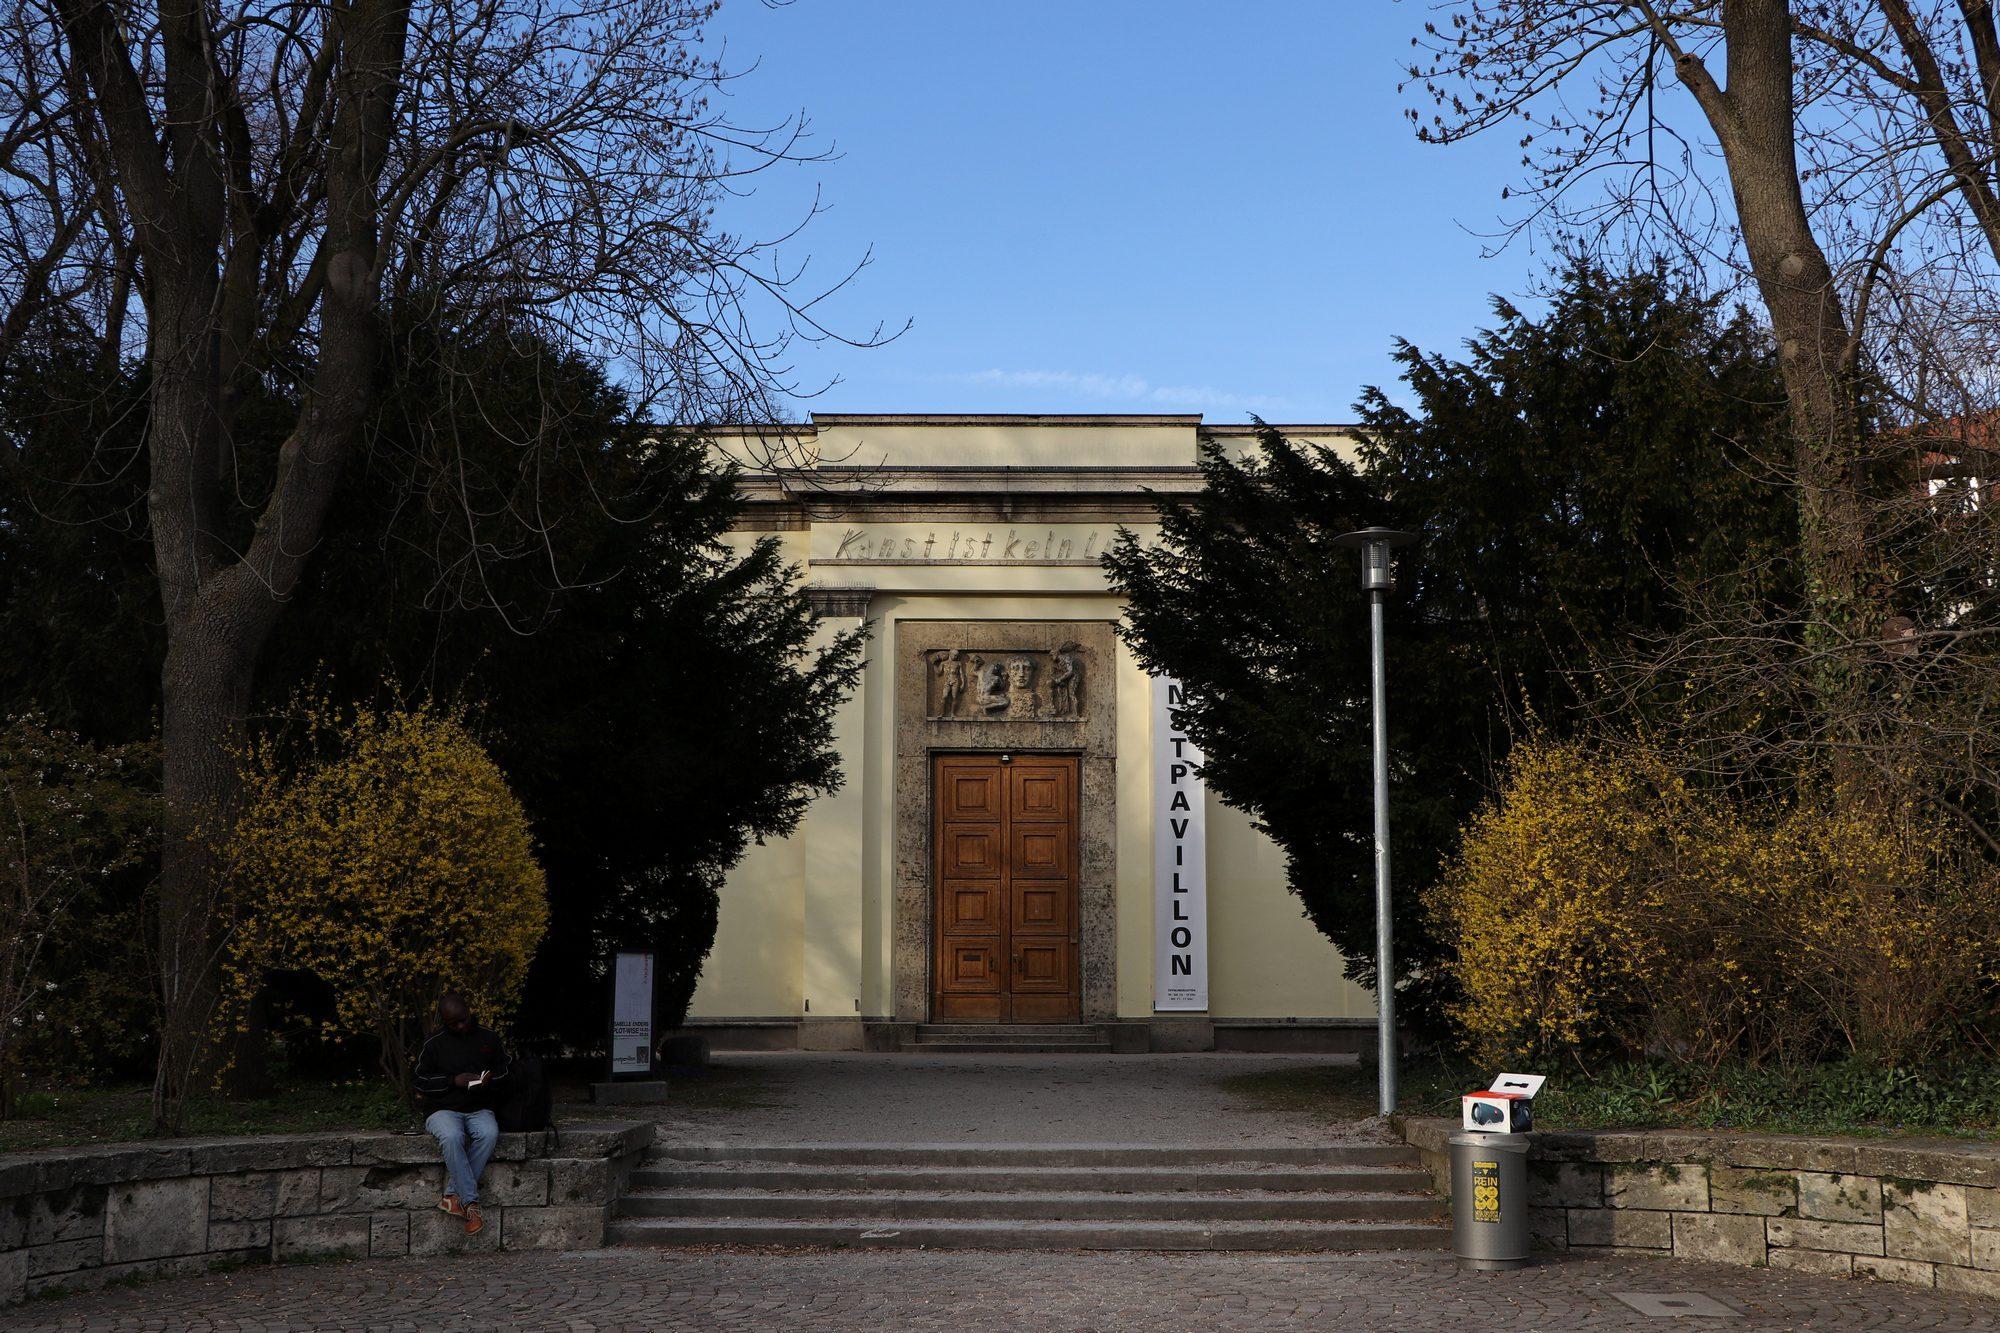 Pavillon im alten Botanischen Garten München